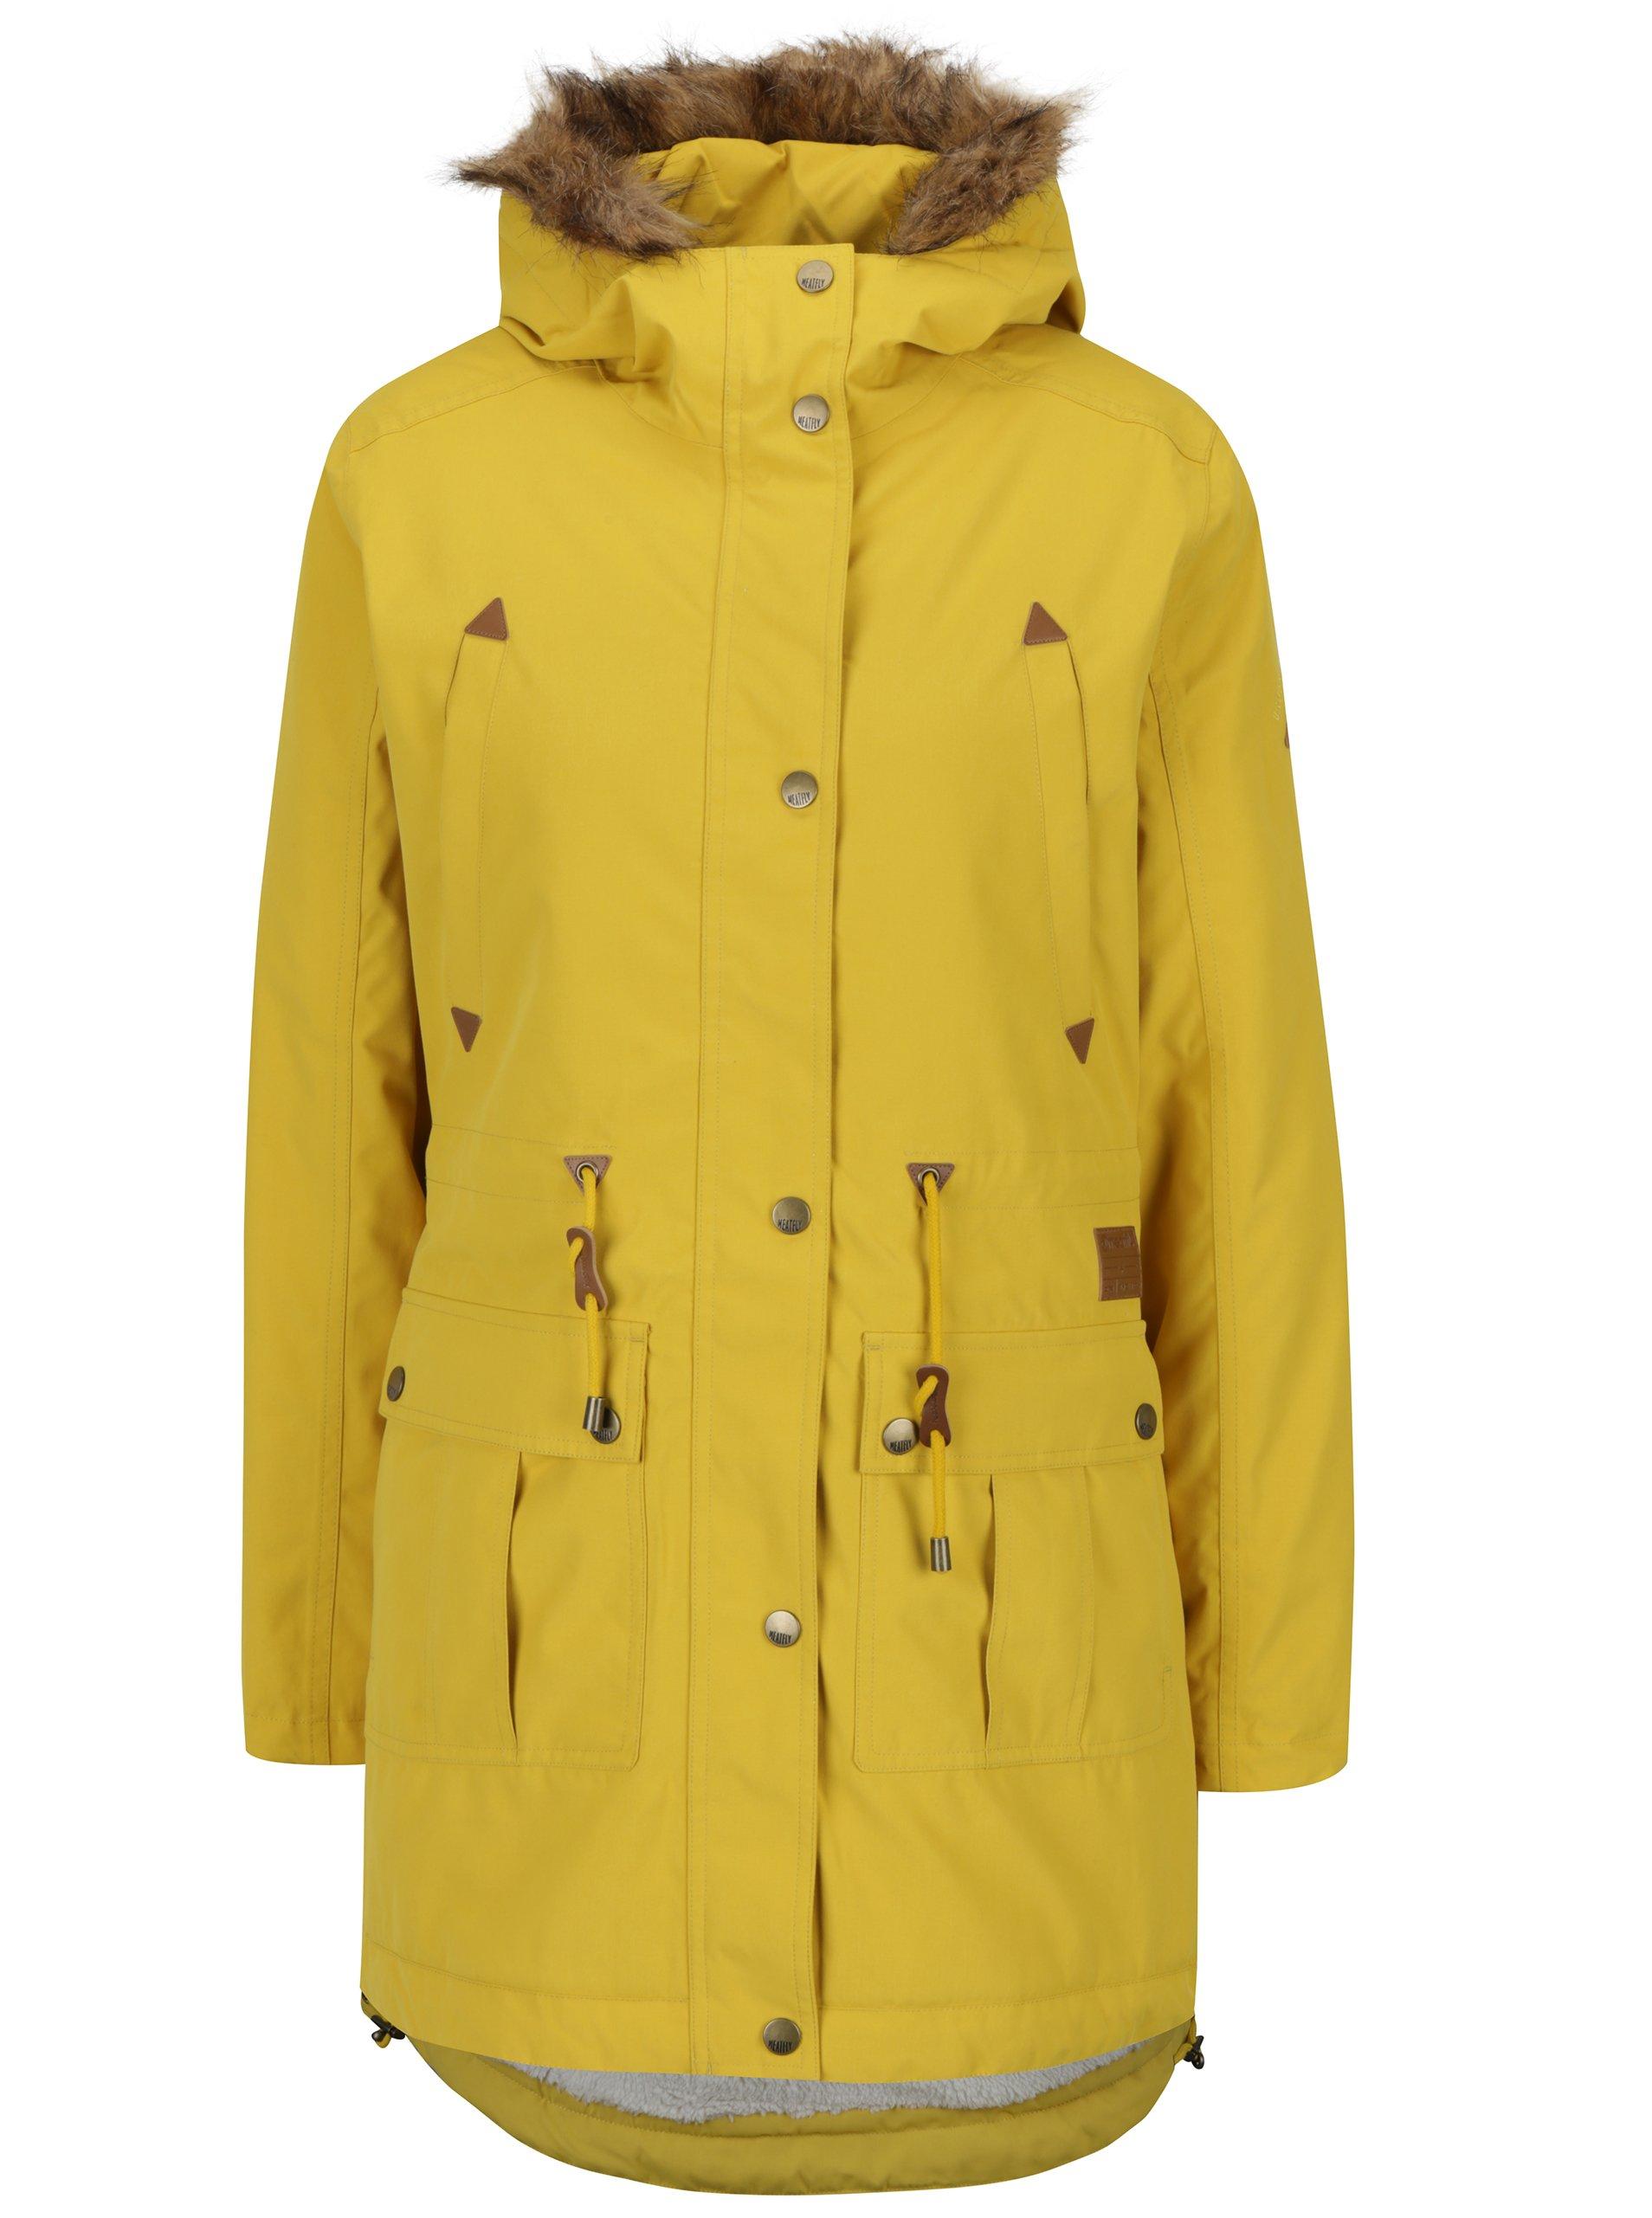 Žlutá dámská zimní voděodolná parka MEATFLY Rainy 2